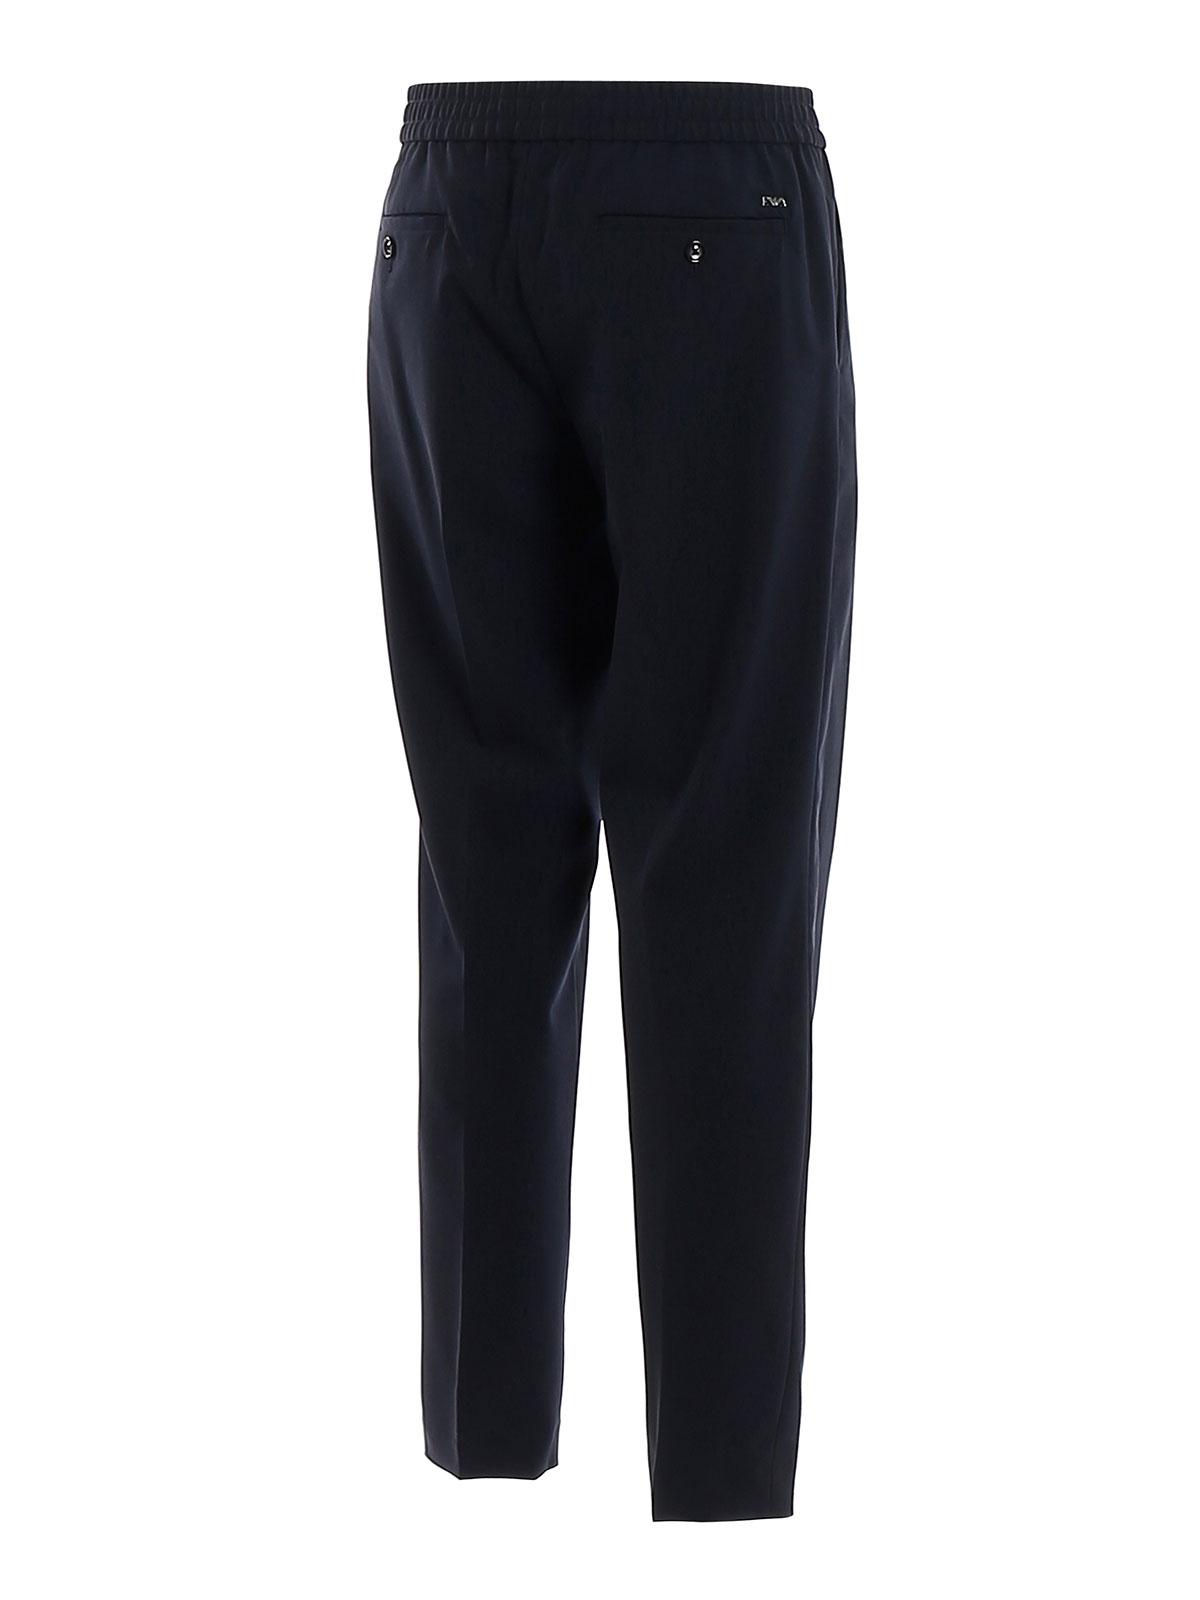 Immagine di EMPORIO ARMANI | Pantaloni Uomo in Lana Stretch